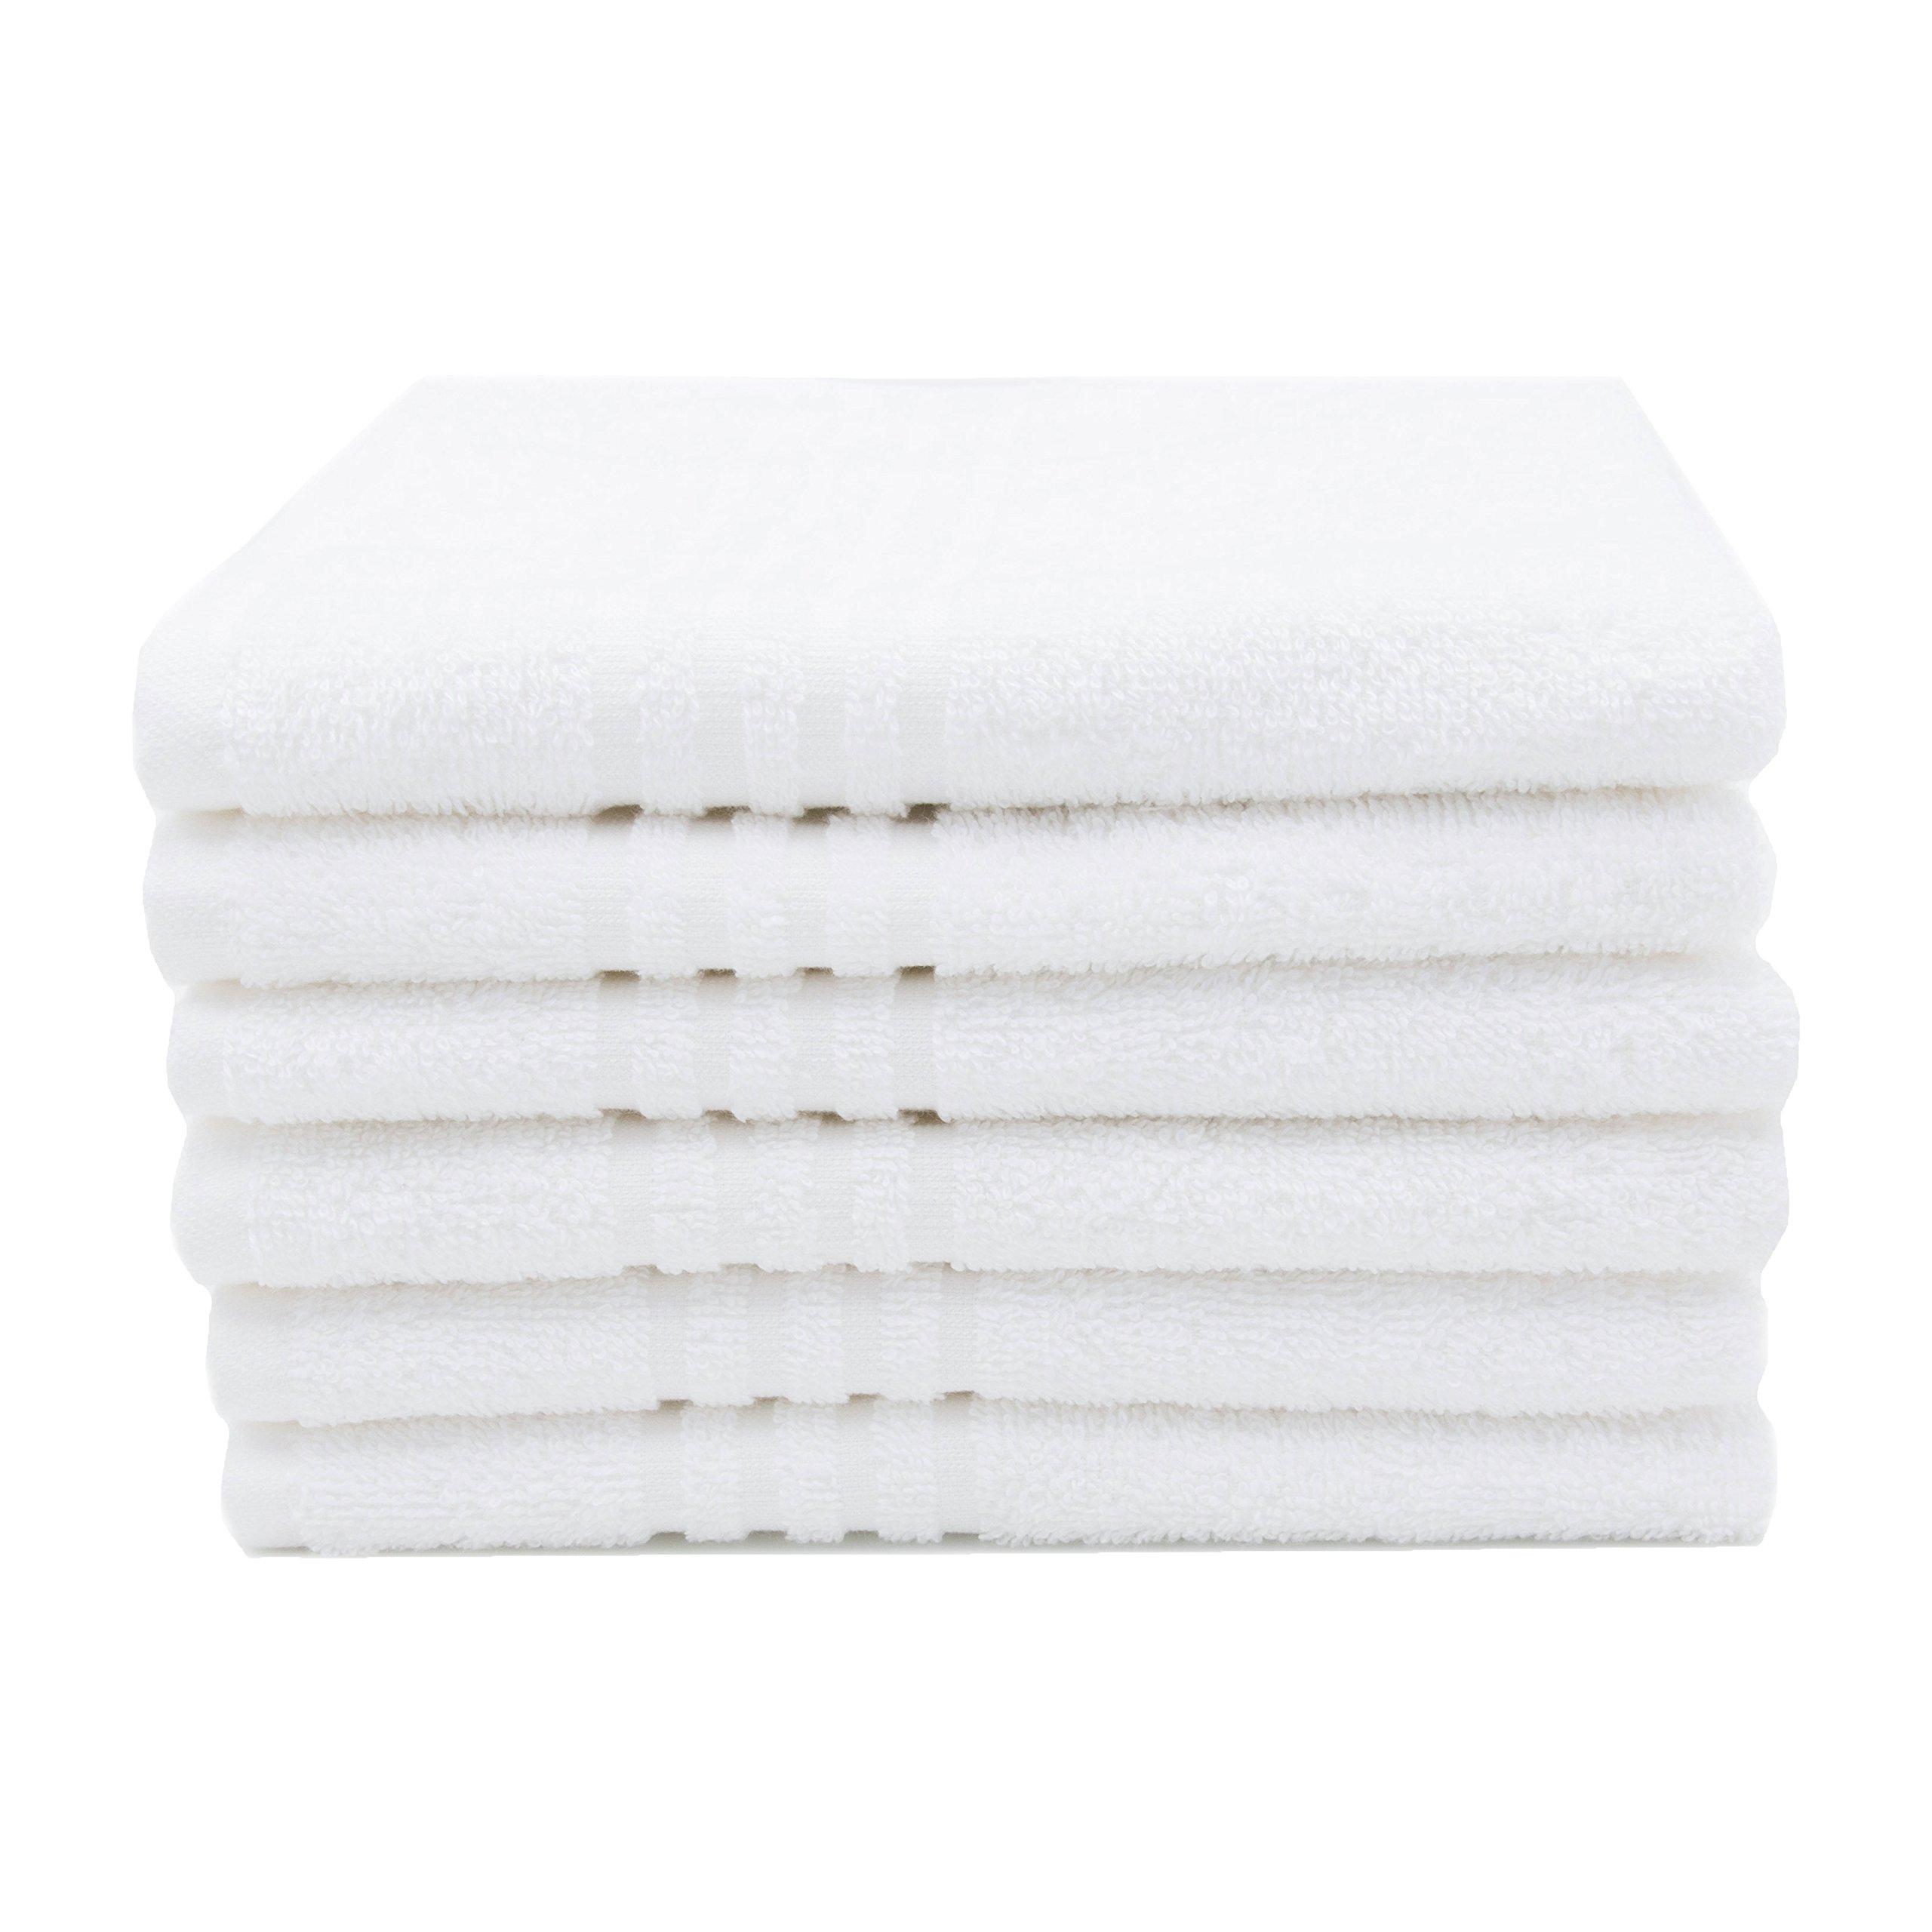 Toallas blancas - Textiles para hosteleria ...